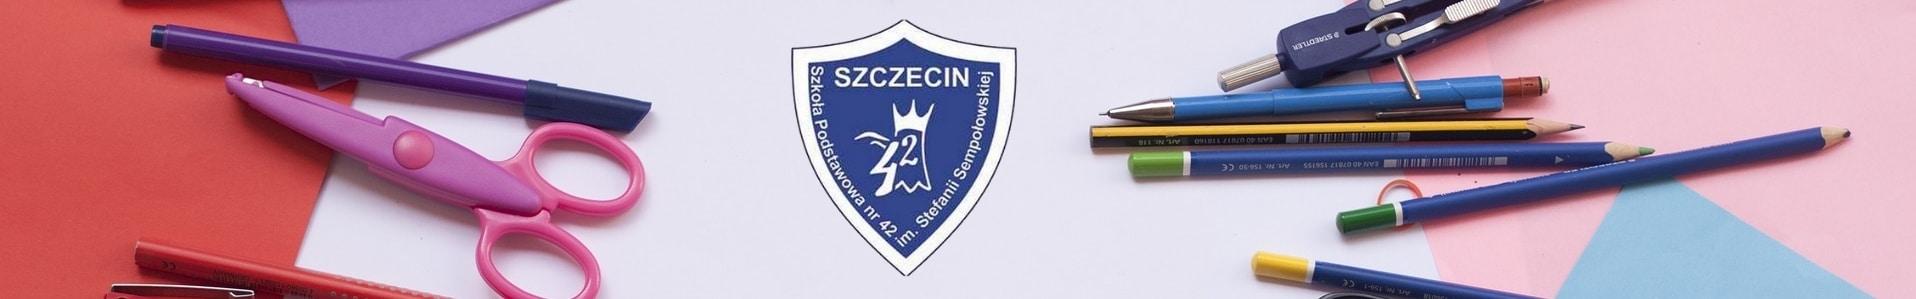 Szkoła Podstawowa Nr 42 w Szczecinie